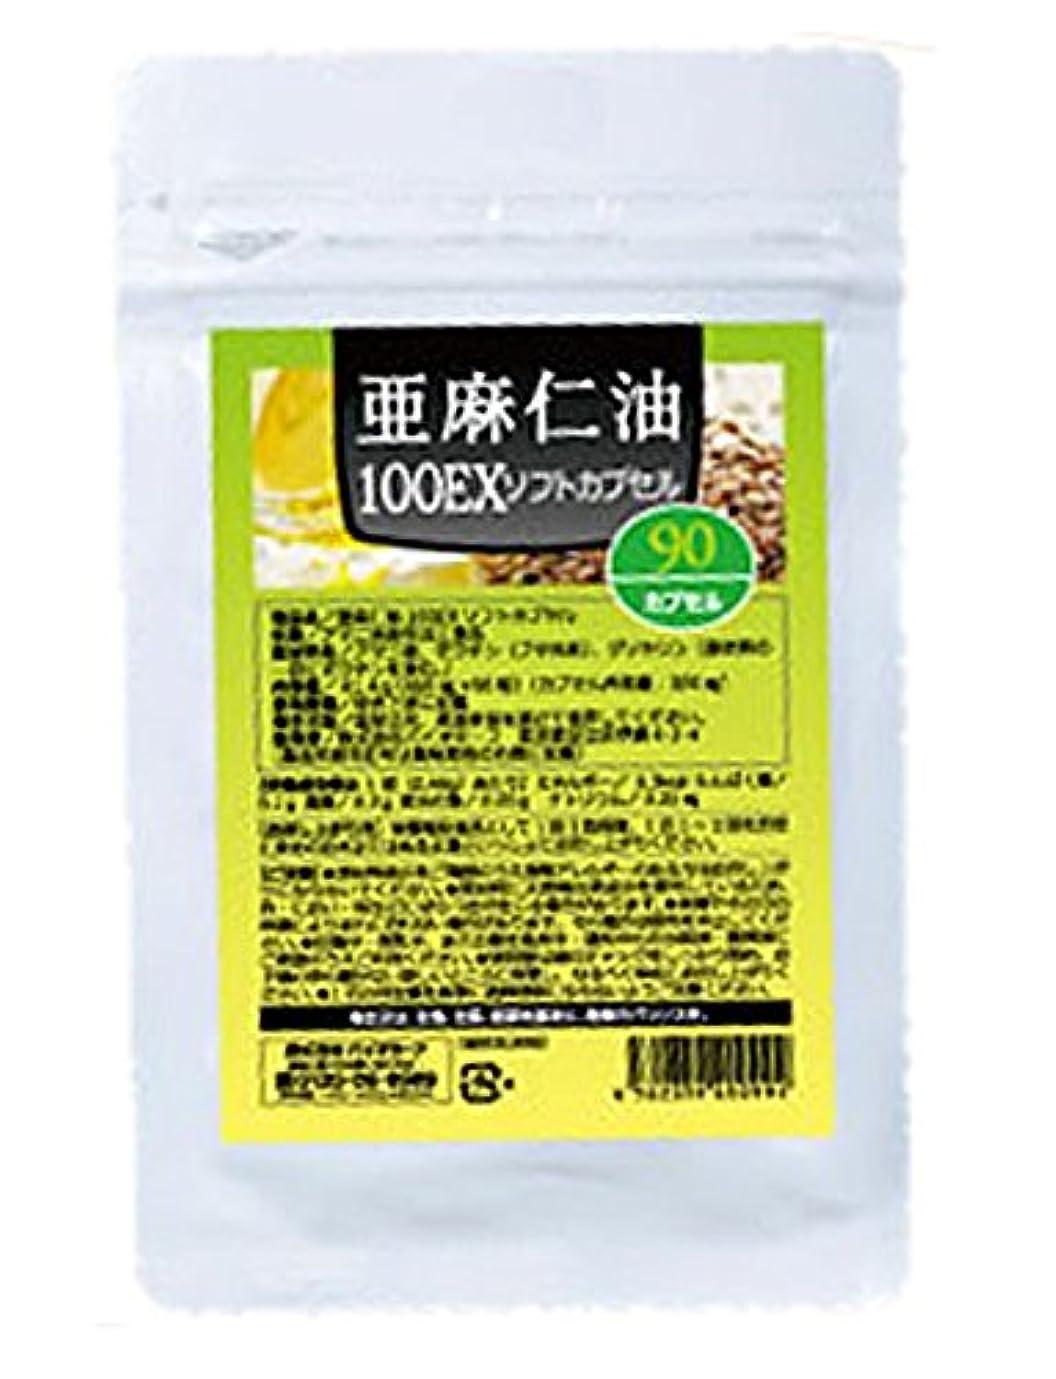 めったにあさりアンタゴニスト亜麻仁油100EXソフトカプセル 90粒入